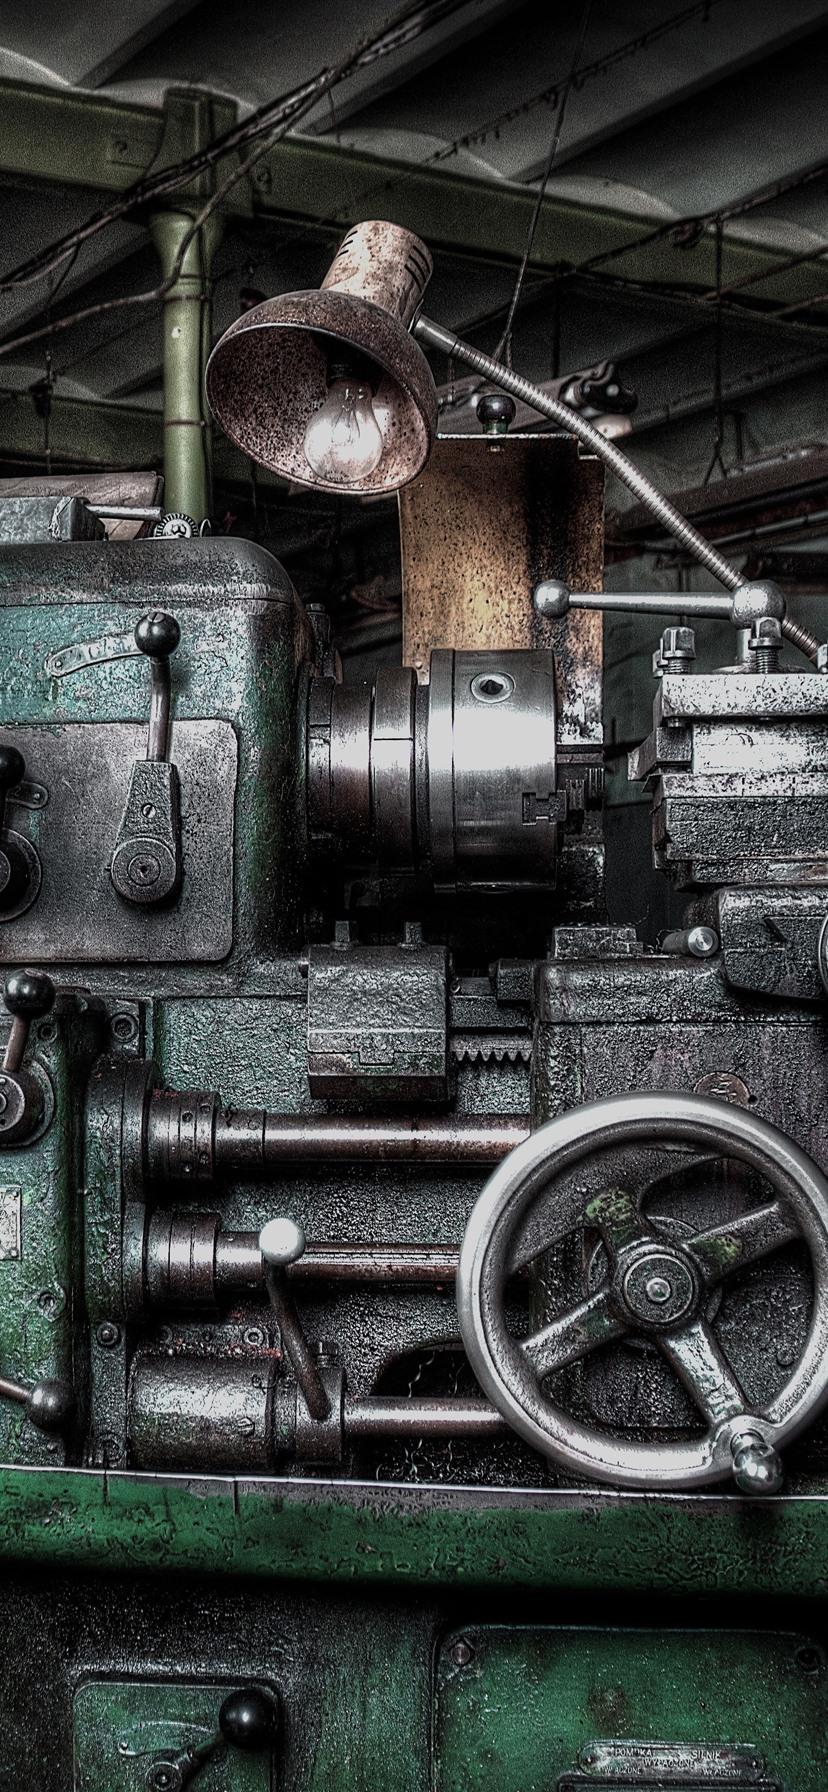 机器 工厂1242x26 Iphone 11 Pro Xs Max 壁纸 图片 背景 照片